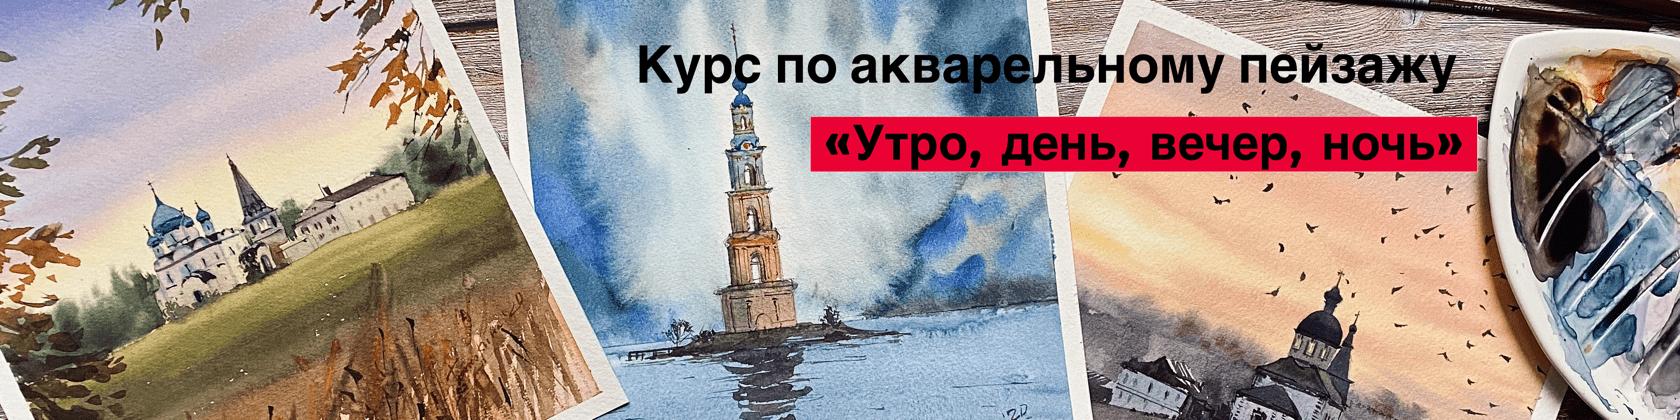 https://samouchka-school.ru/courses/intensiv-po-akvarelnomu-peyzazhu-utro-den-vecher-noch-0